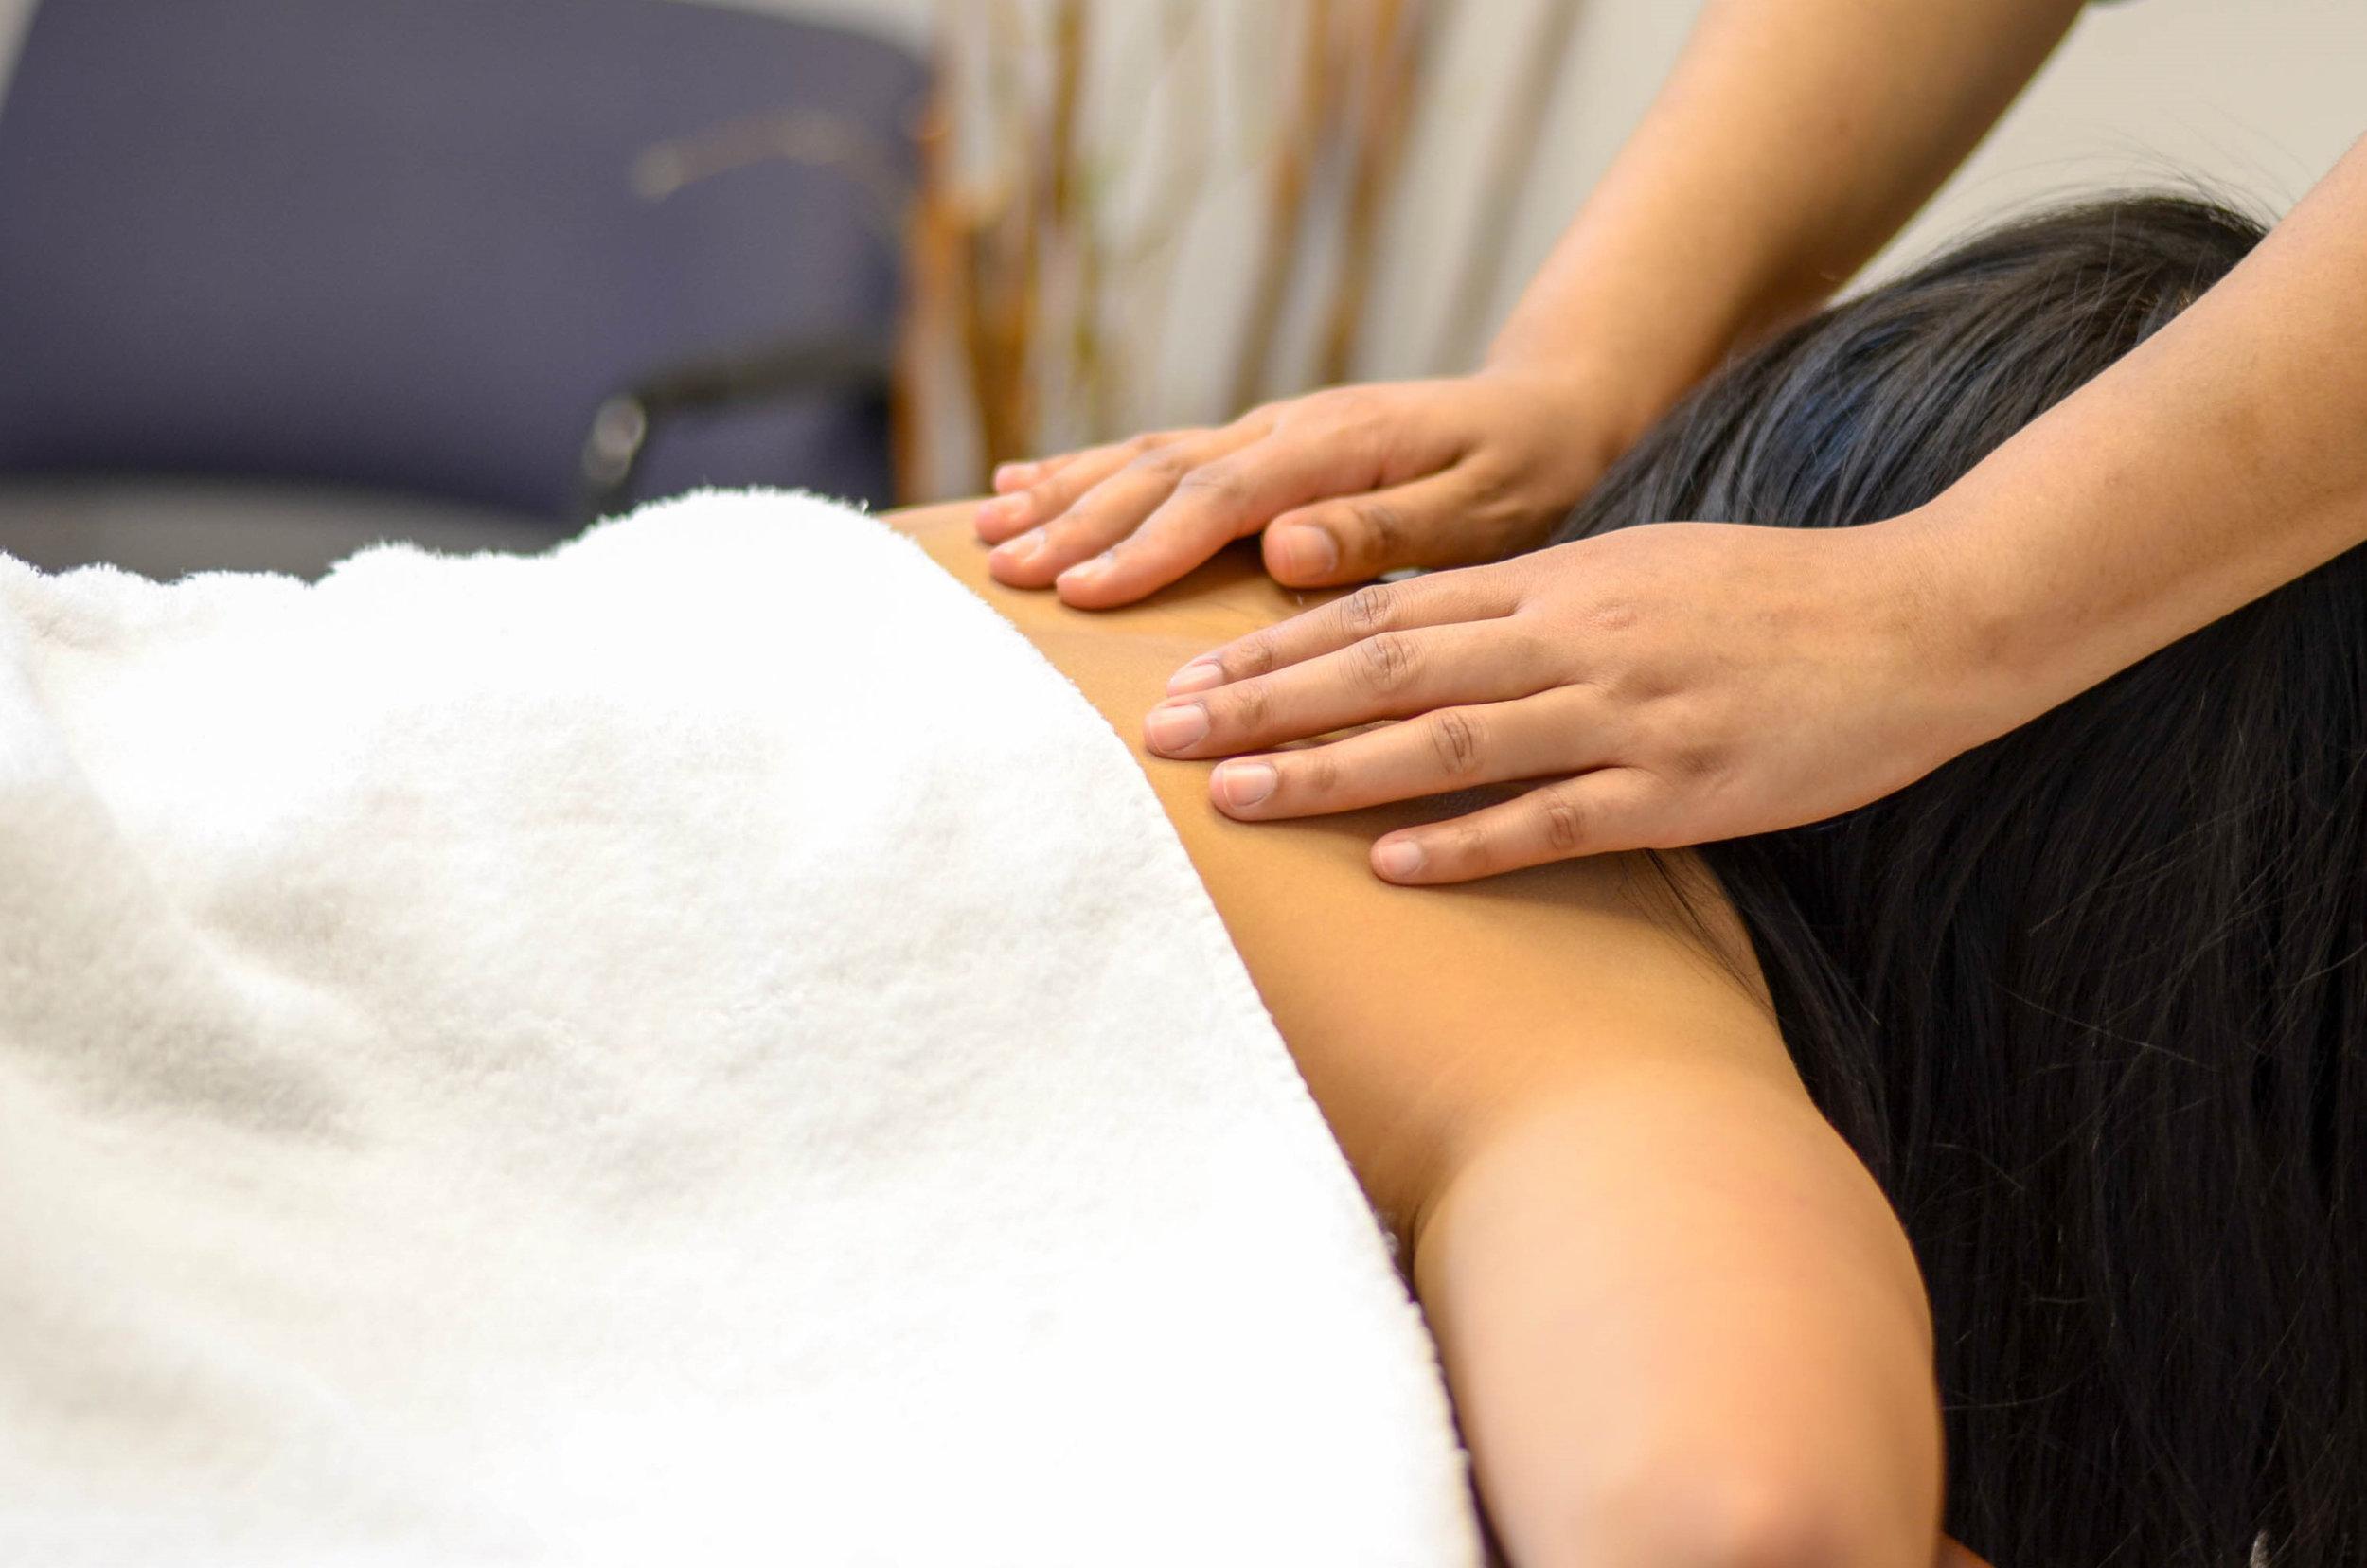 Massage_ZLS_3010+.jpg